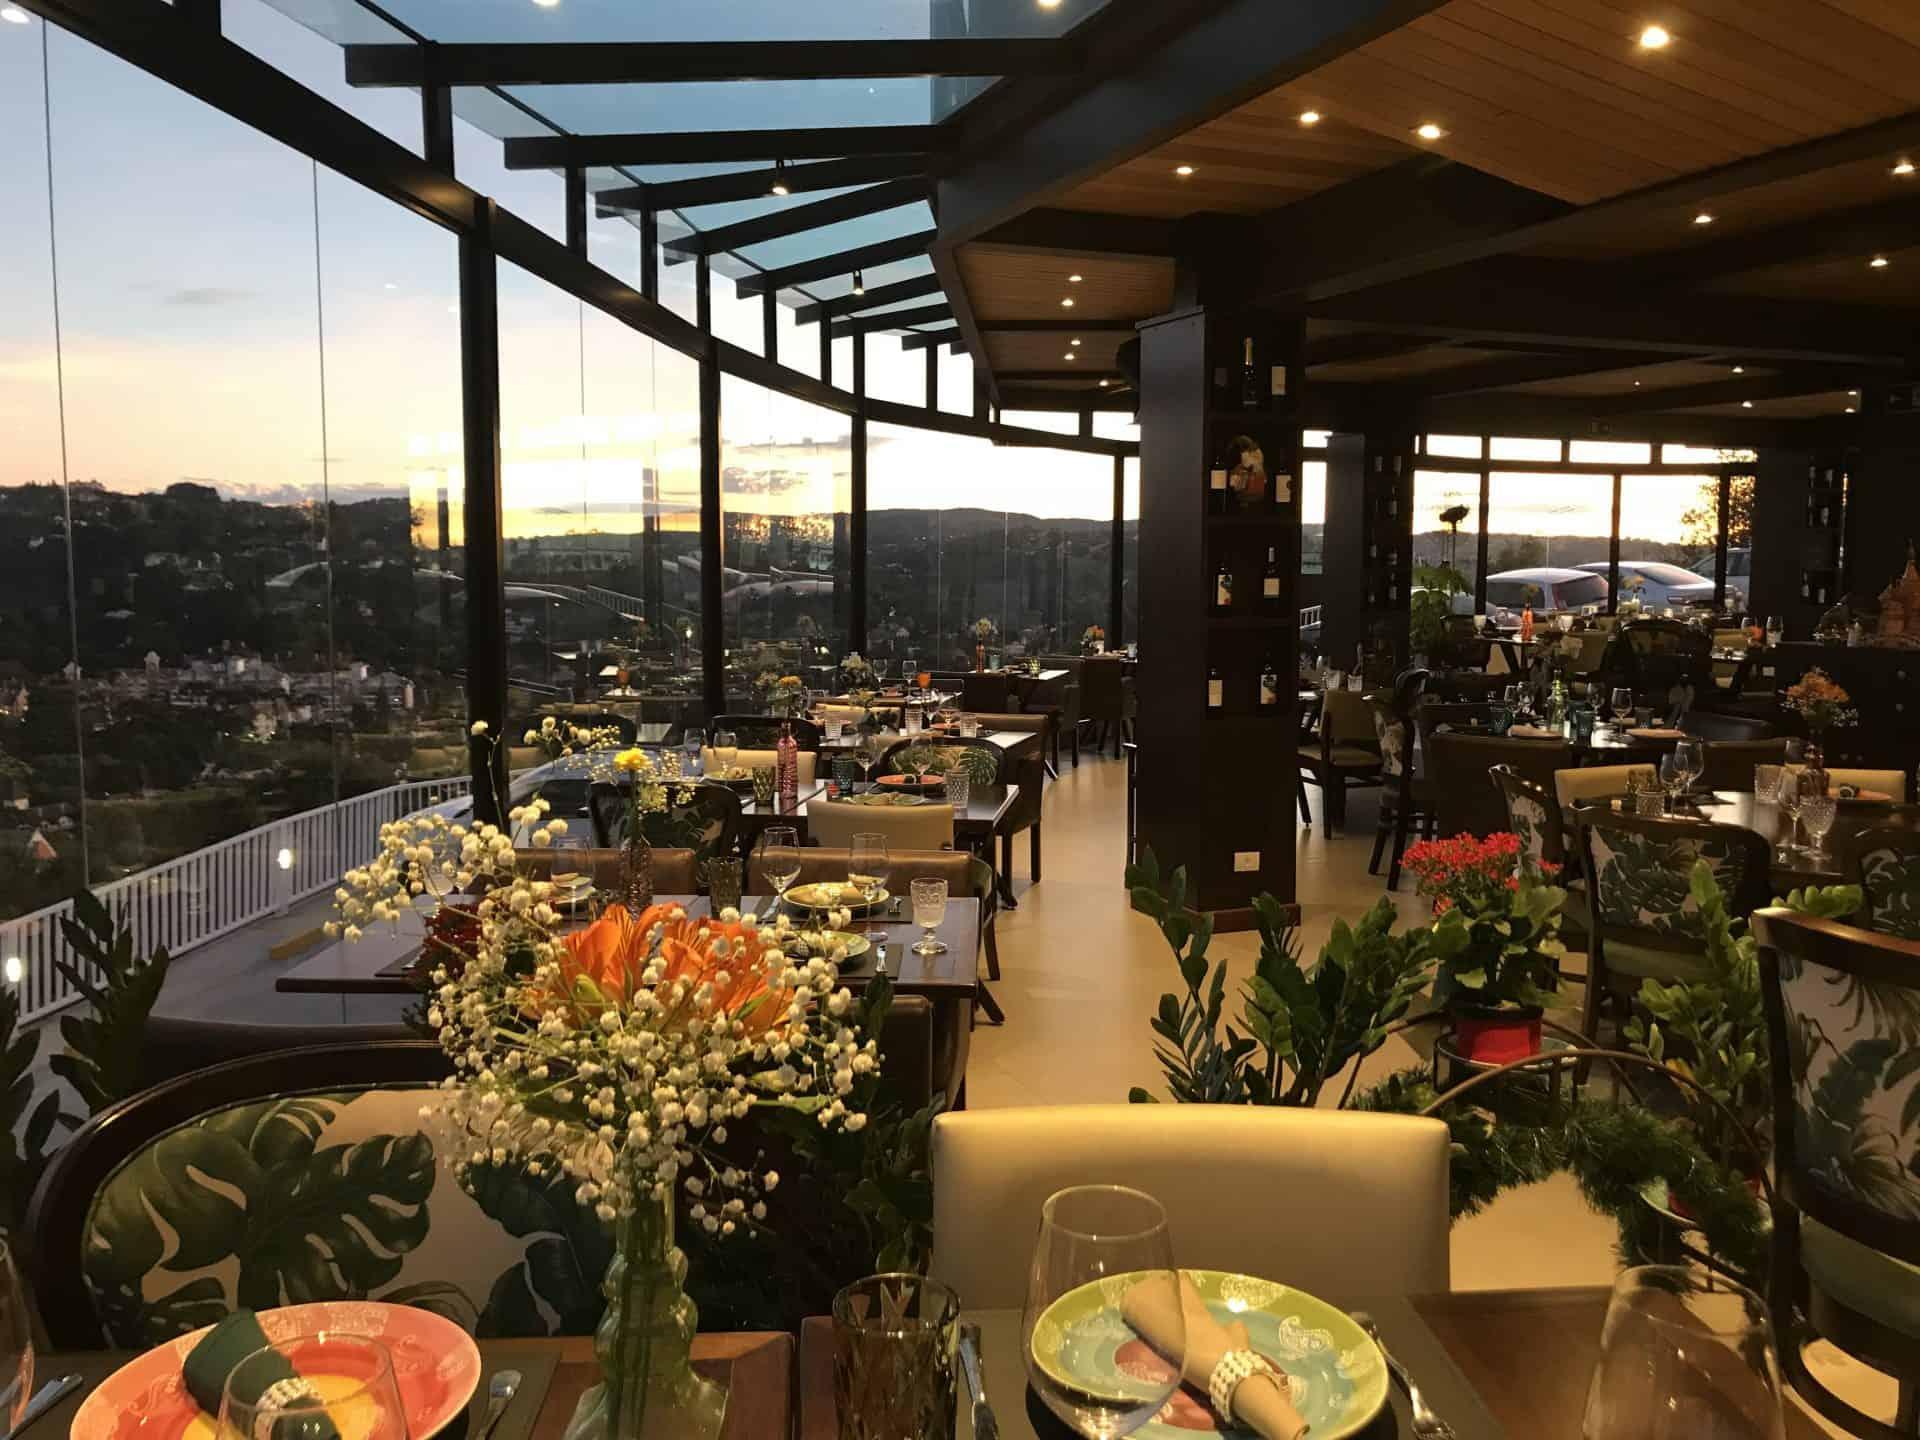 Restaurante Bella Vista tem alta gastronomia e visão panorâmica de Campos do Jordão